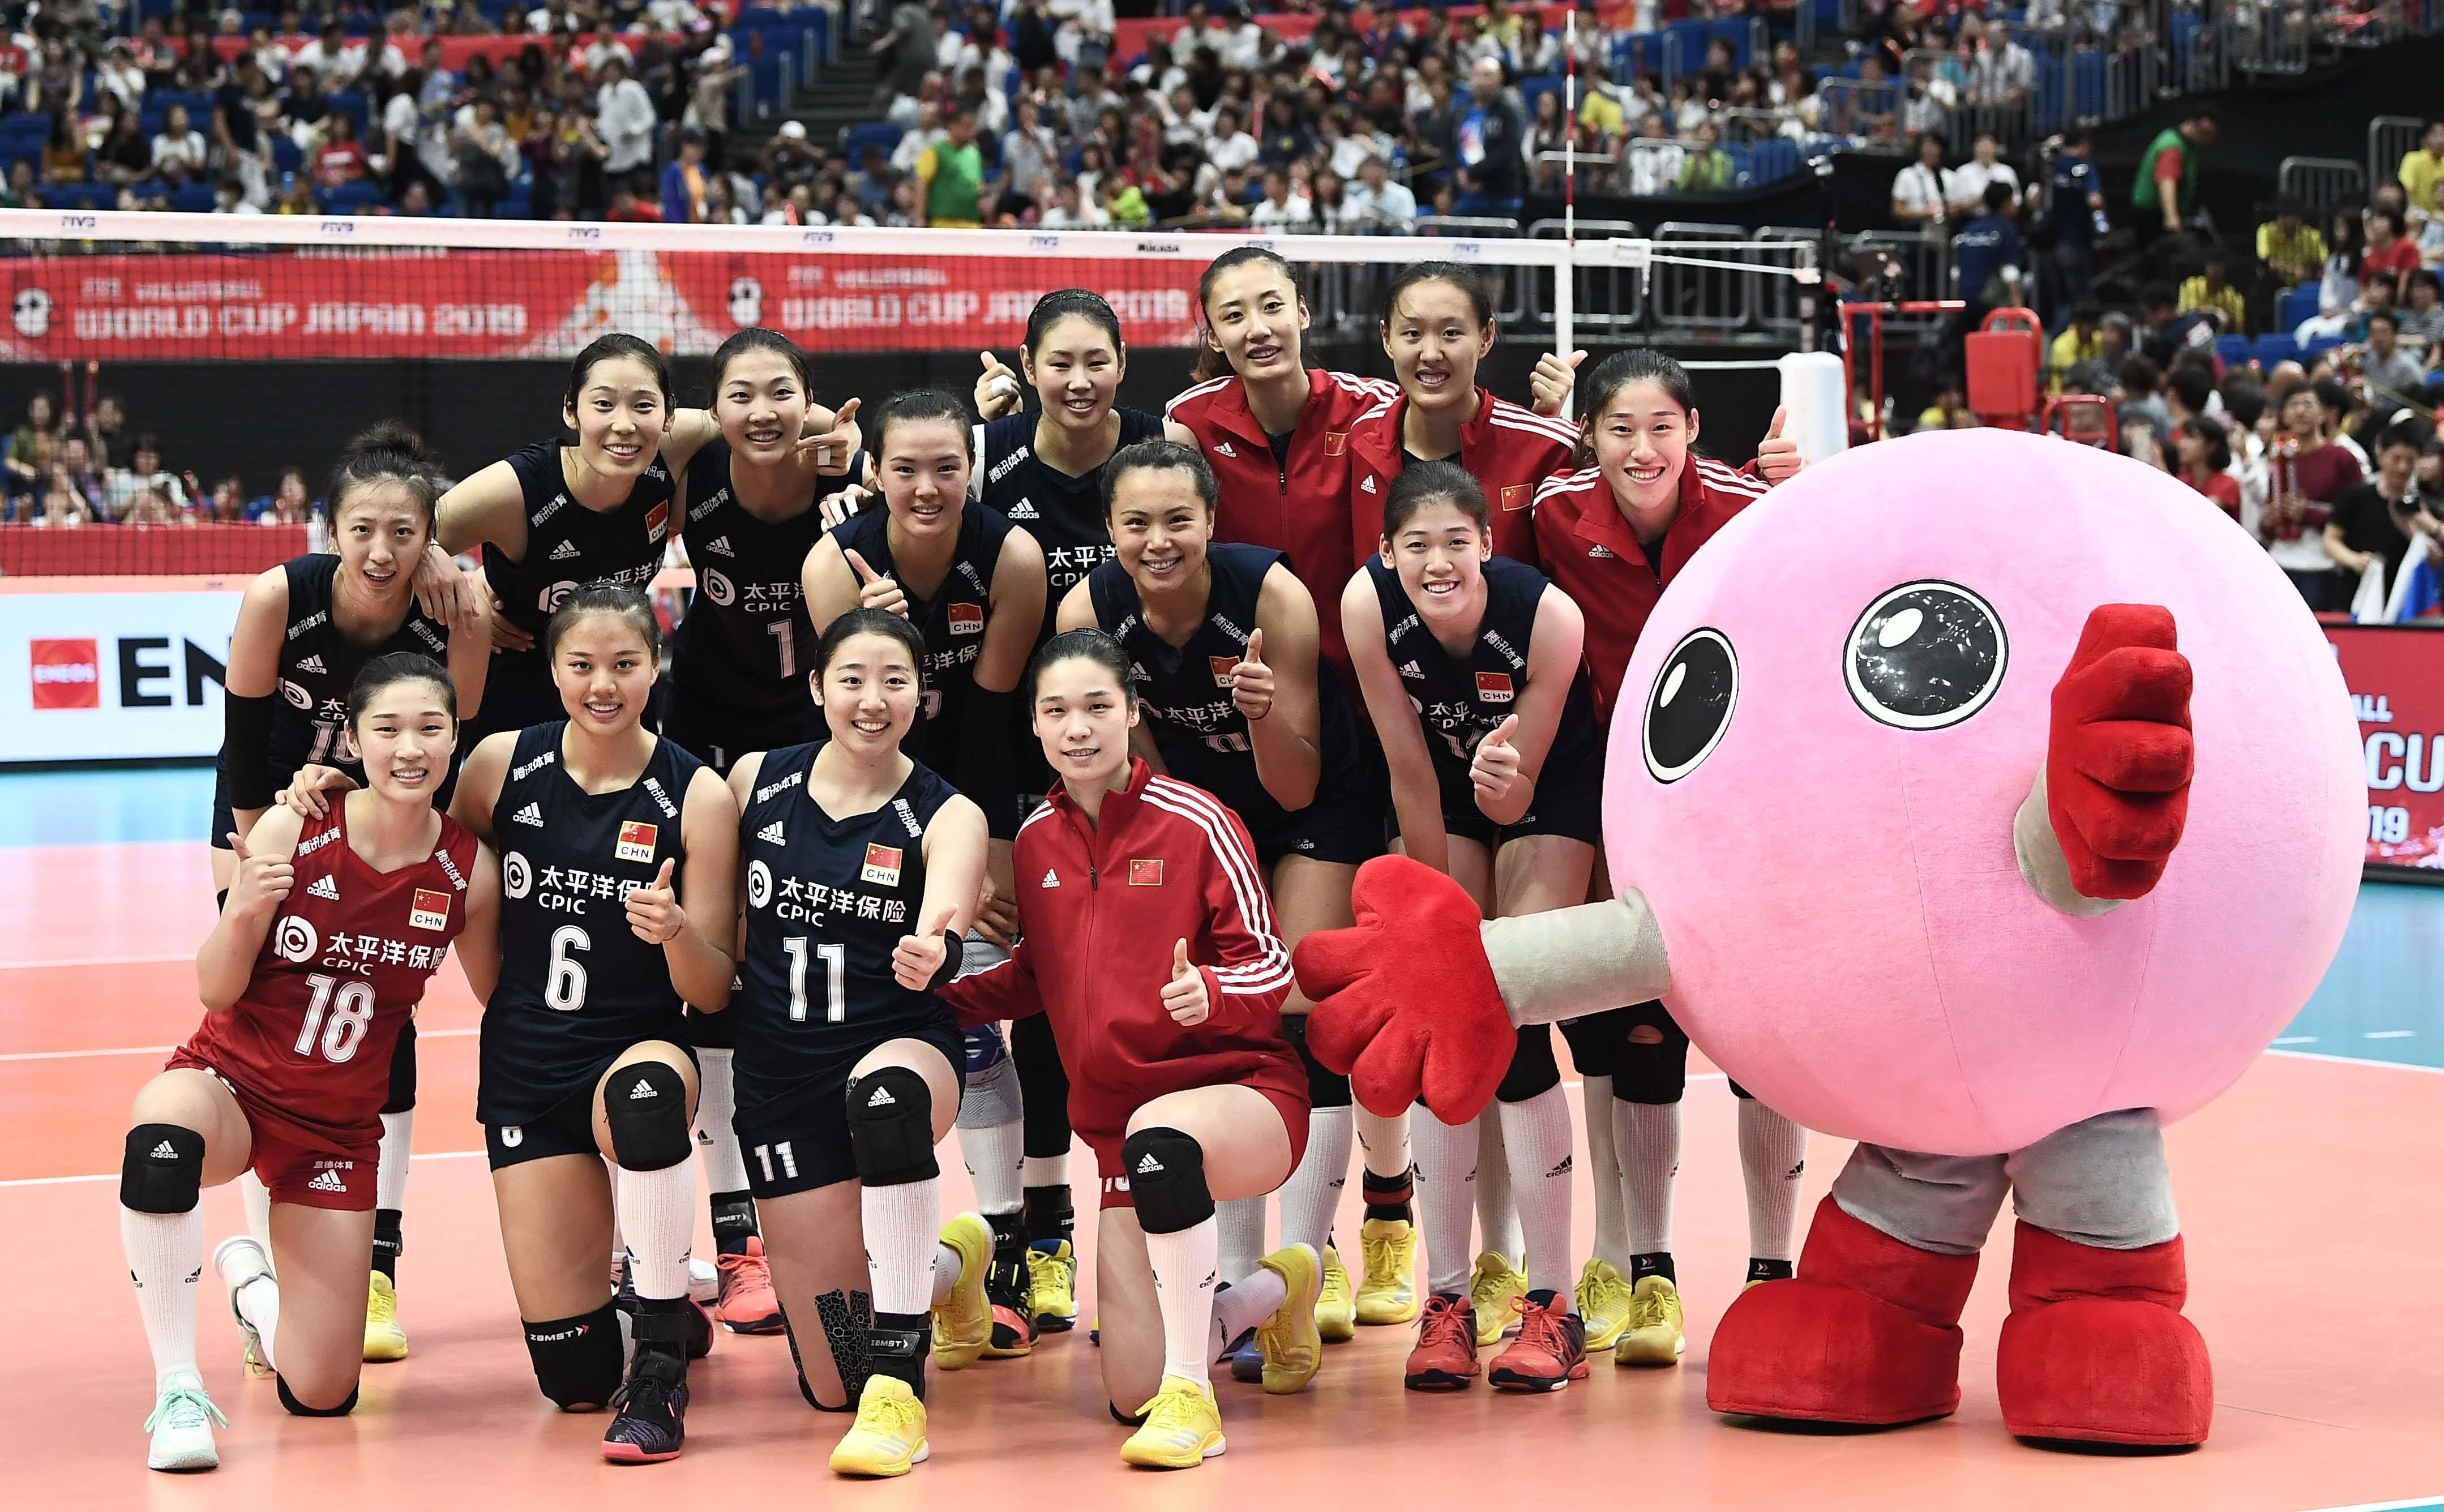 团队之美——贺中国女排十一连胜